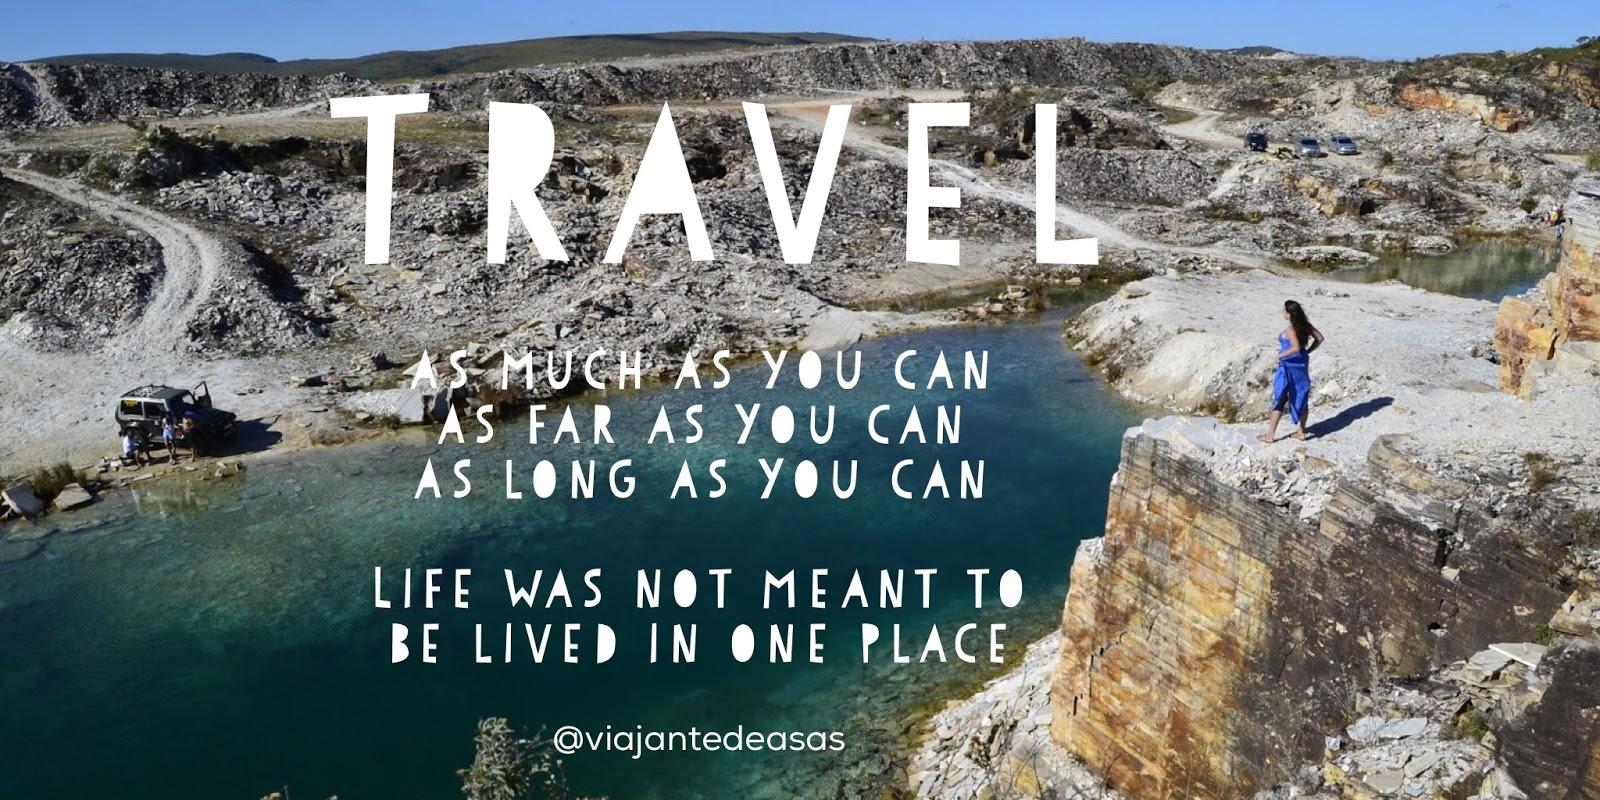 Viajante De Asas As 65 Frases De Viagem Mais Inspiradoras